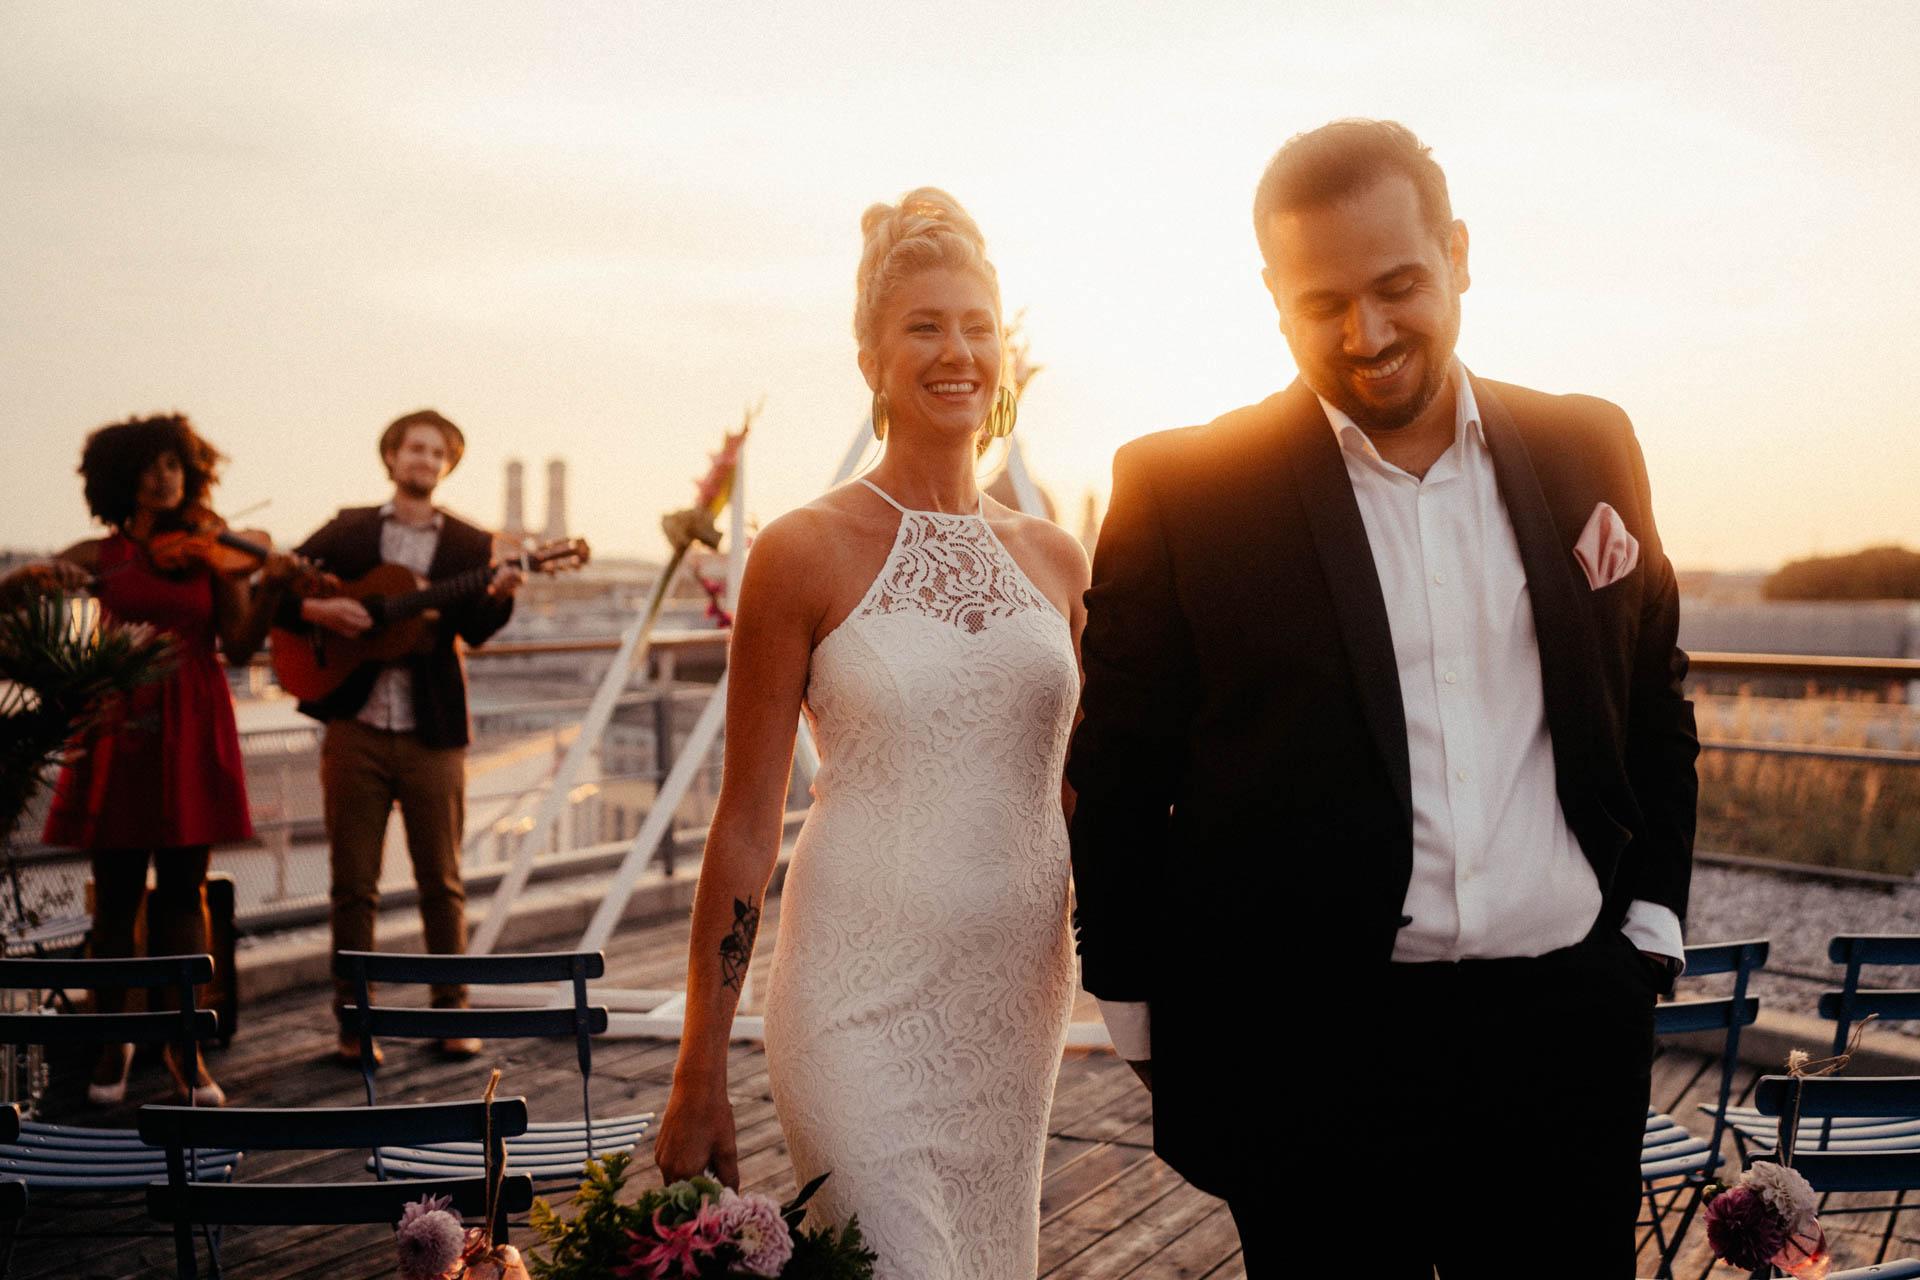 Glücklich strahlendes Brautpaar mit Braut im Spitzenkleid mit Sonnenuntergang im Hintergrund